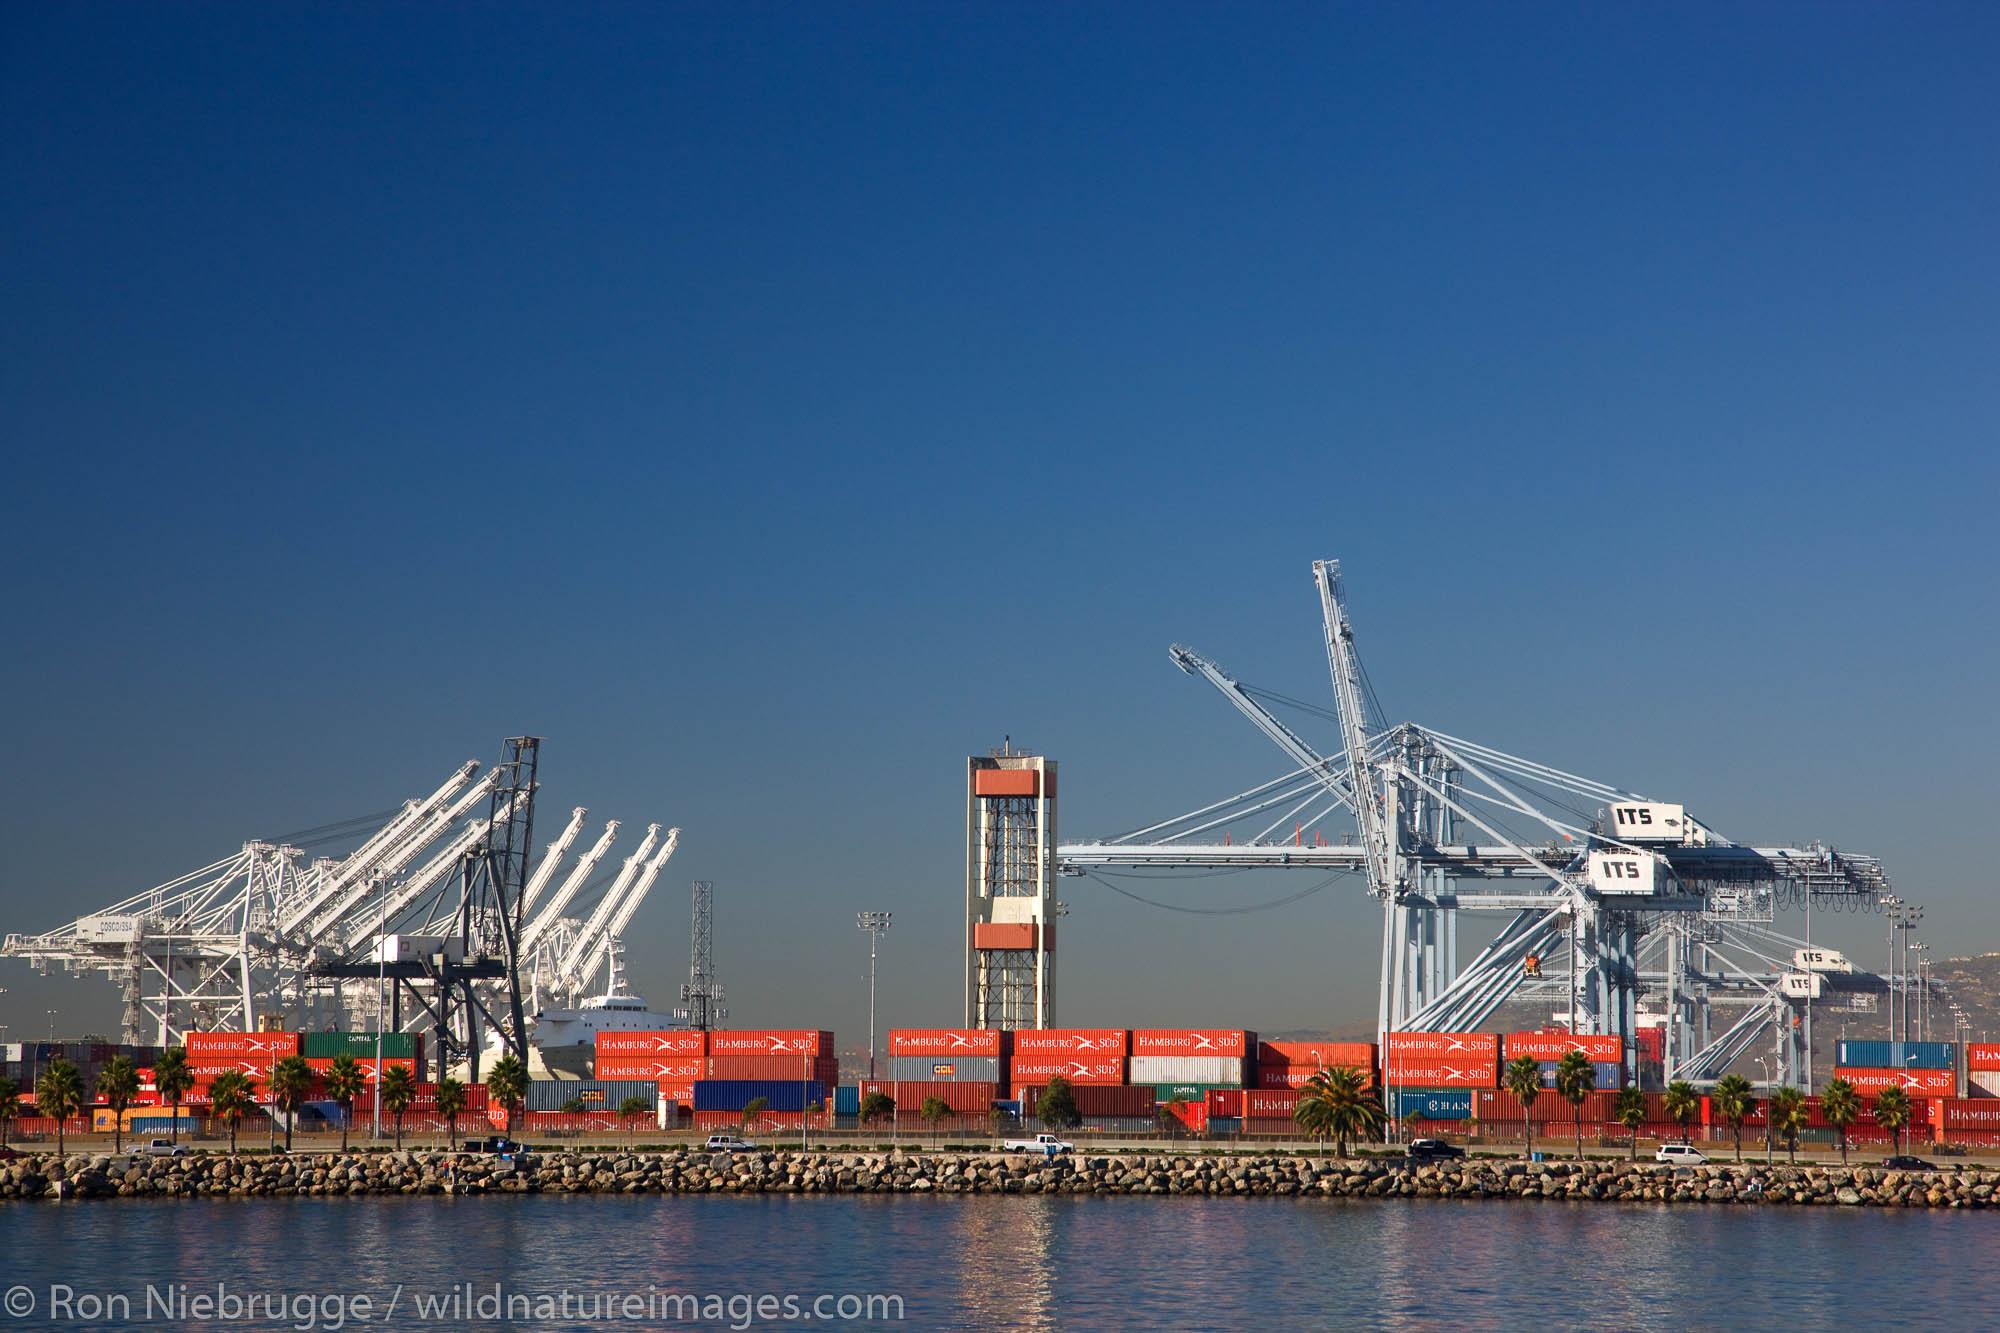 Port of Long Beach, California.